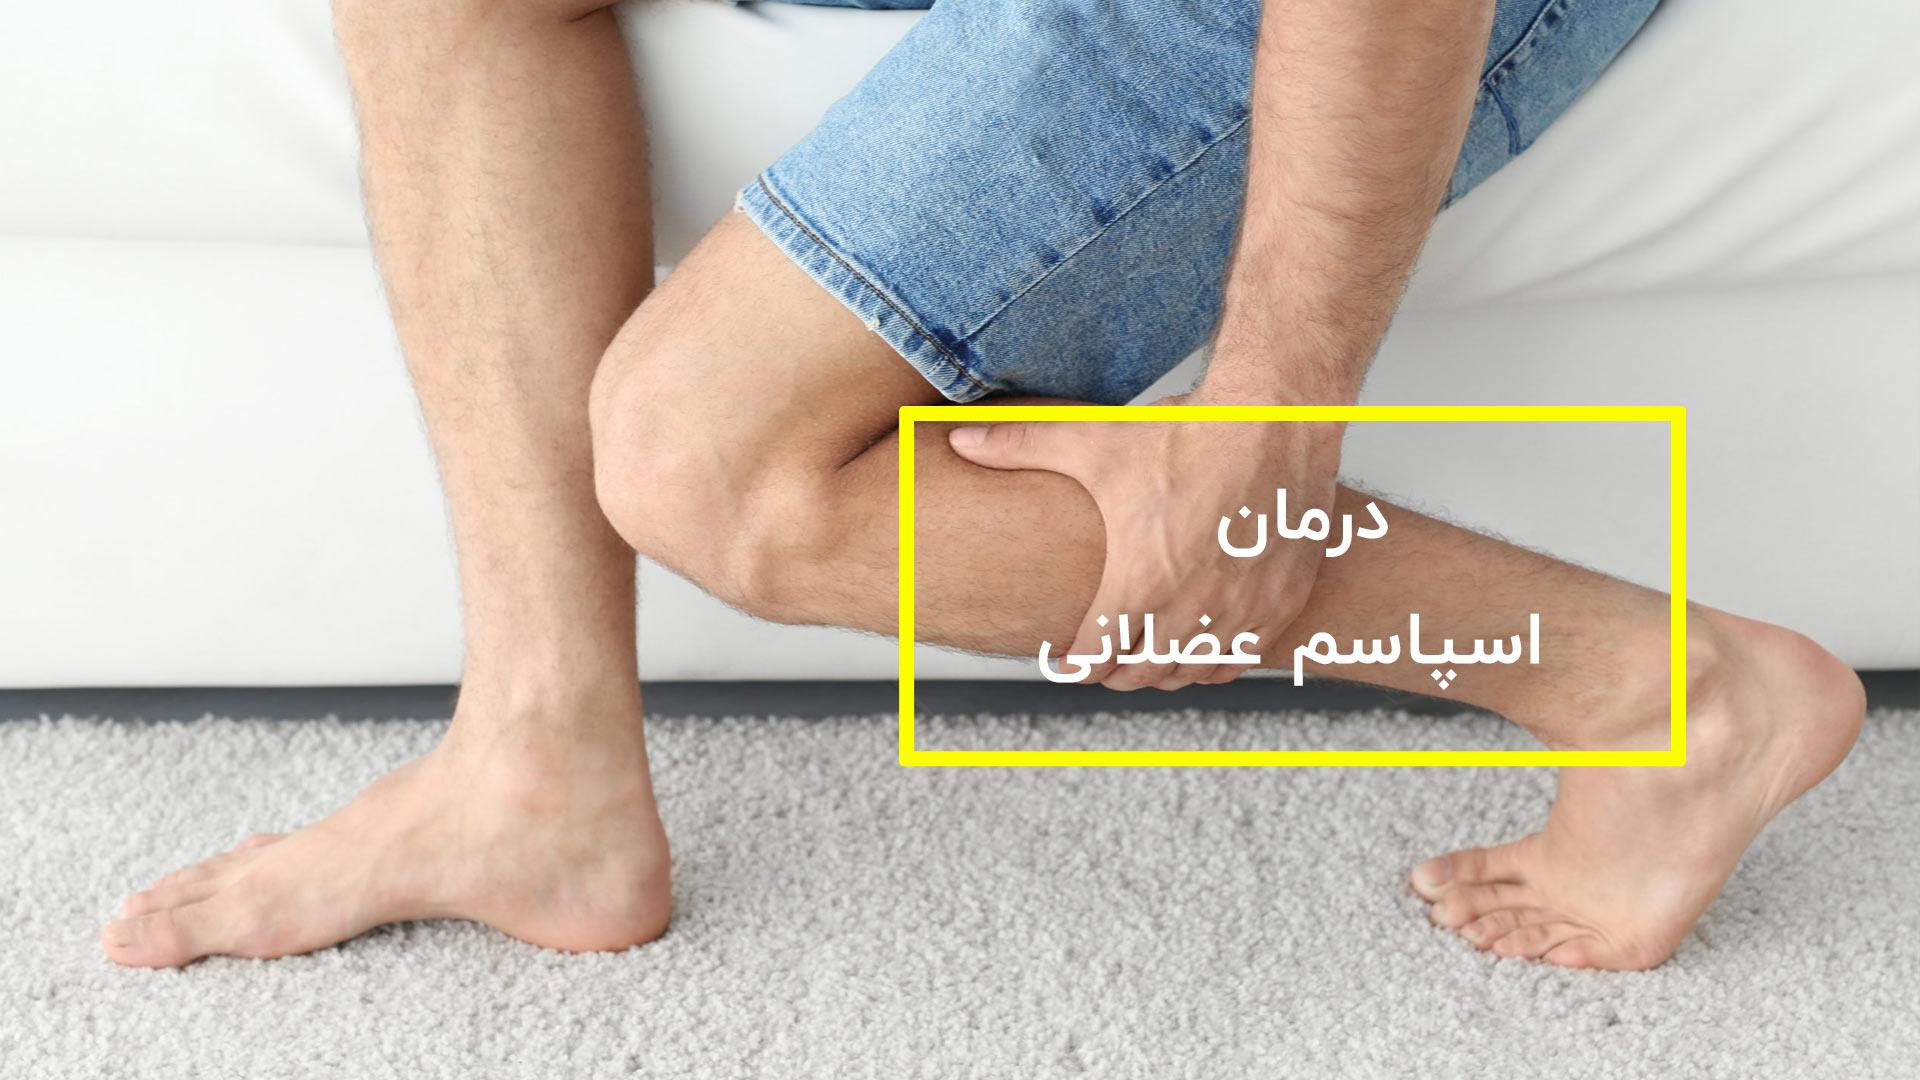 9 روش فیزیوتراپی برای اسپاسم عضلانی